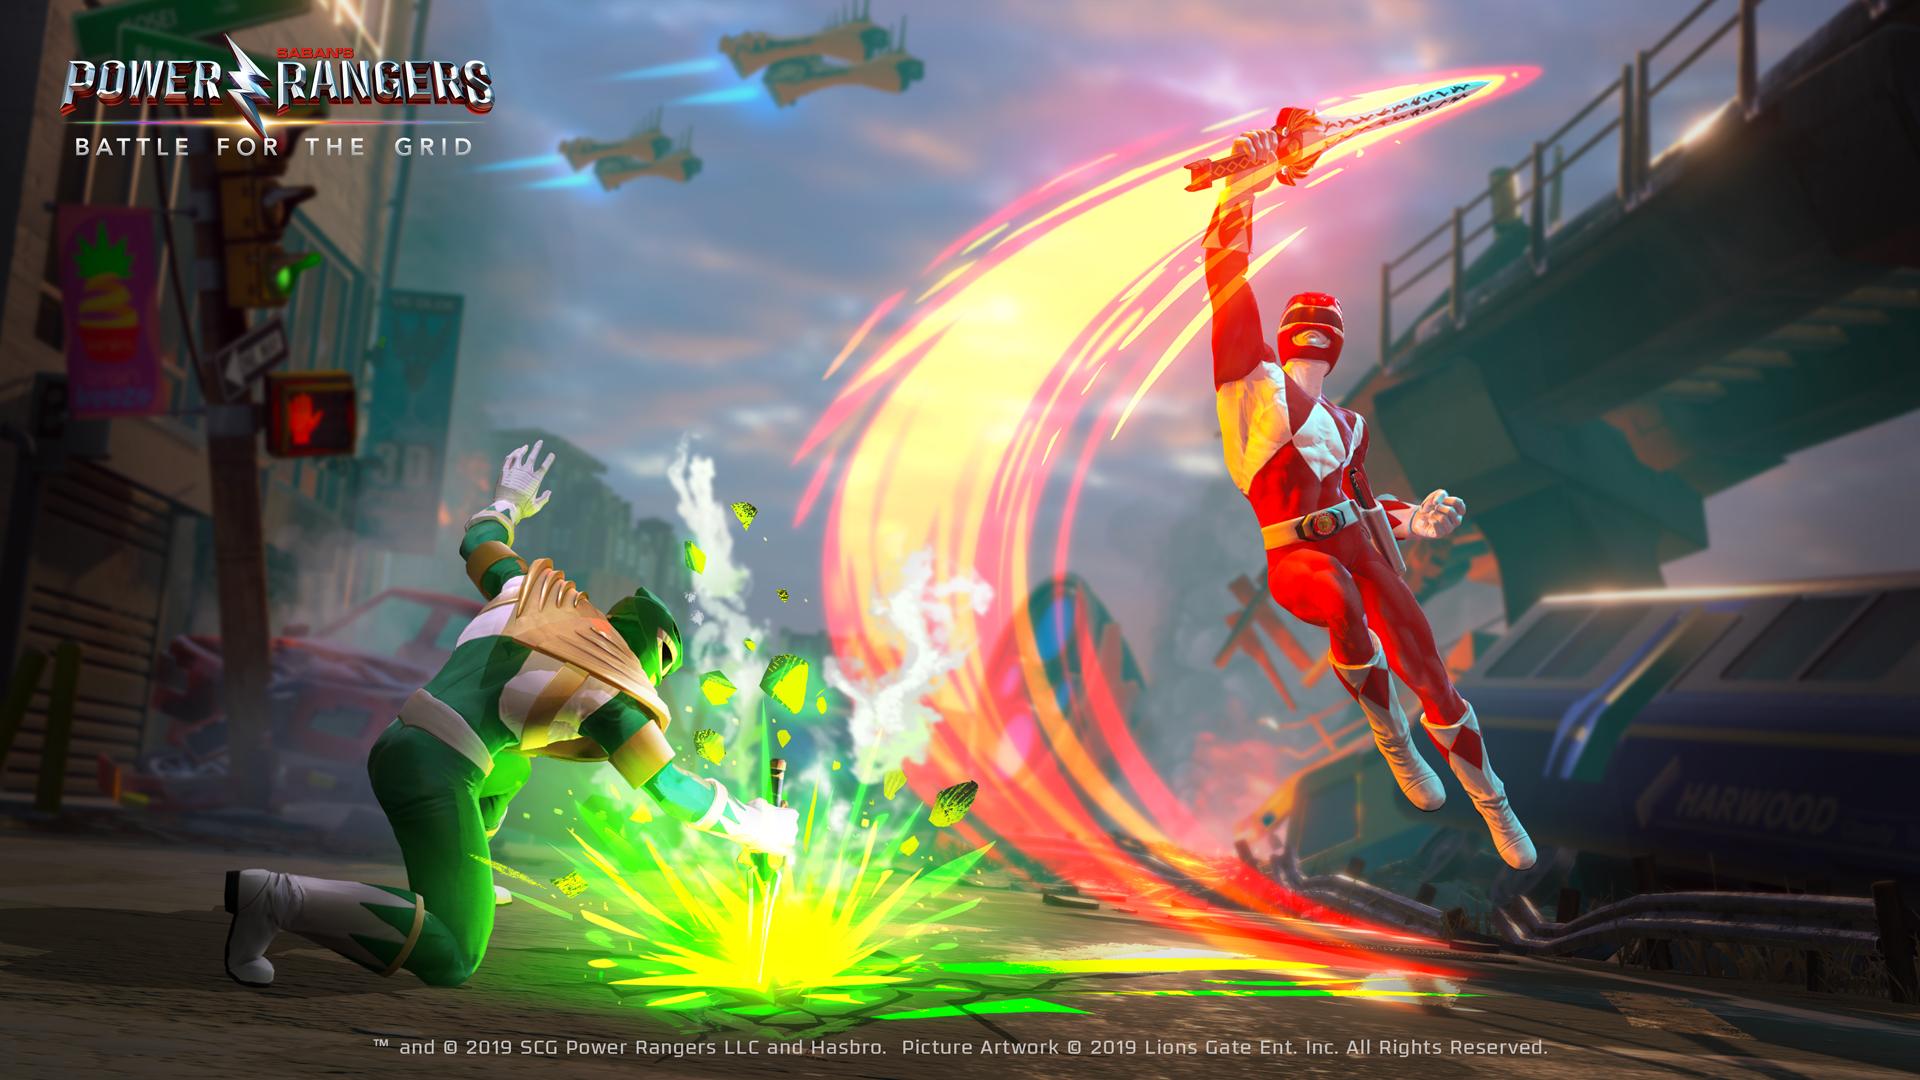 Power-Rangers-Battle-for-the-Grid_2019_01-17-19_002